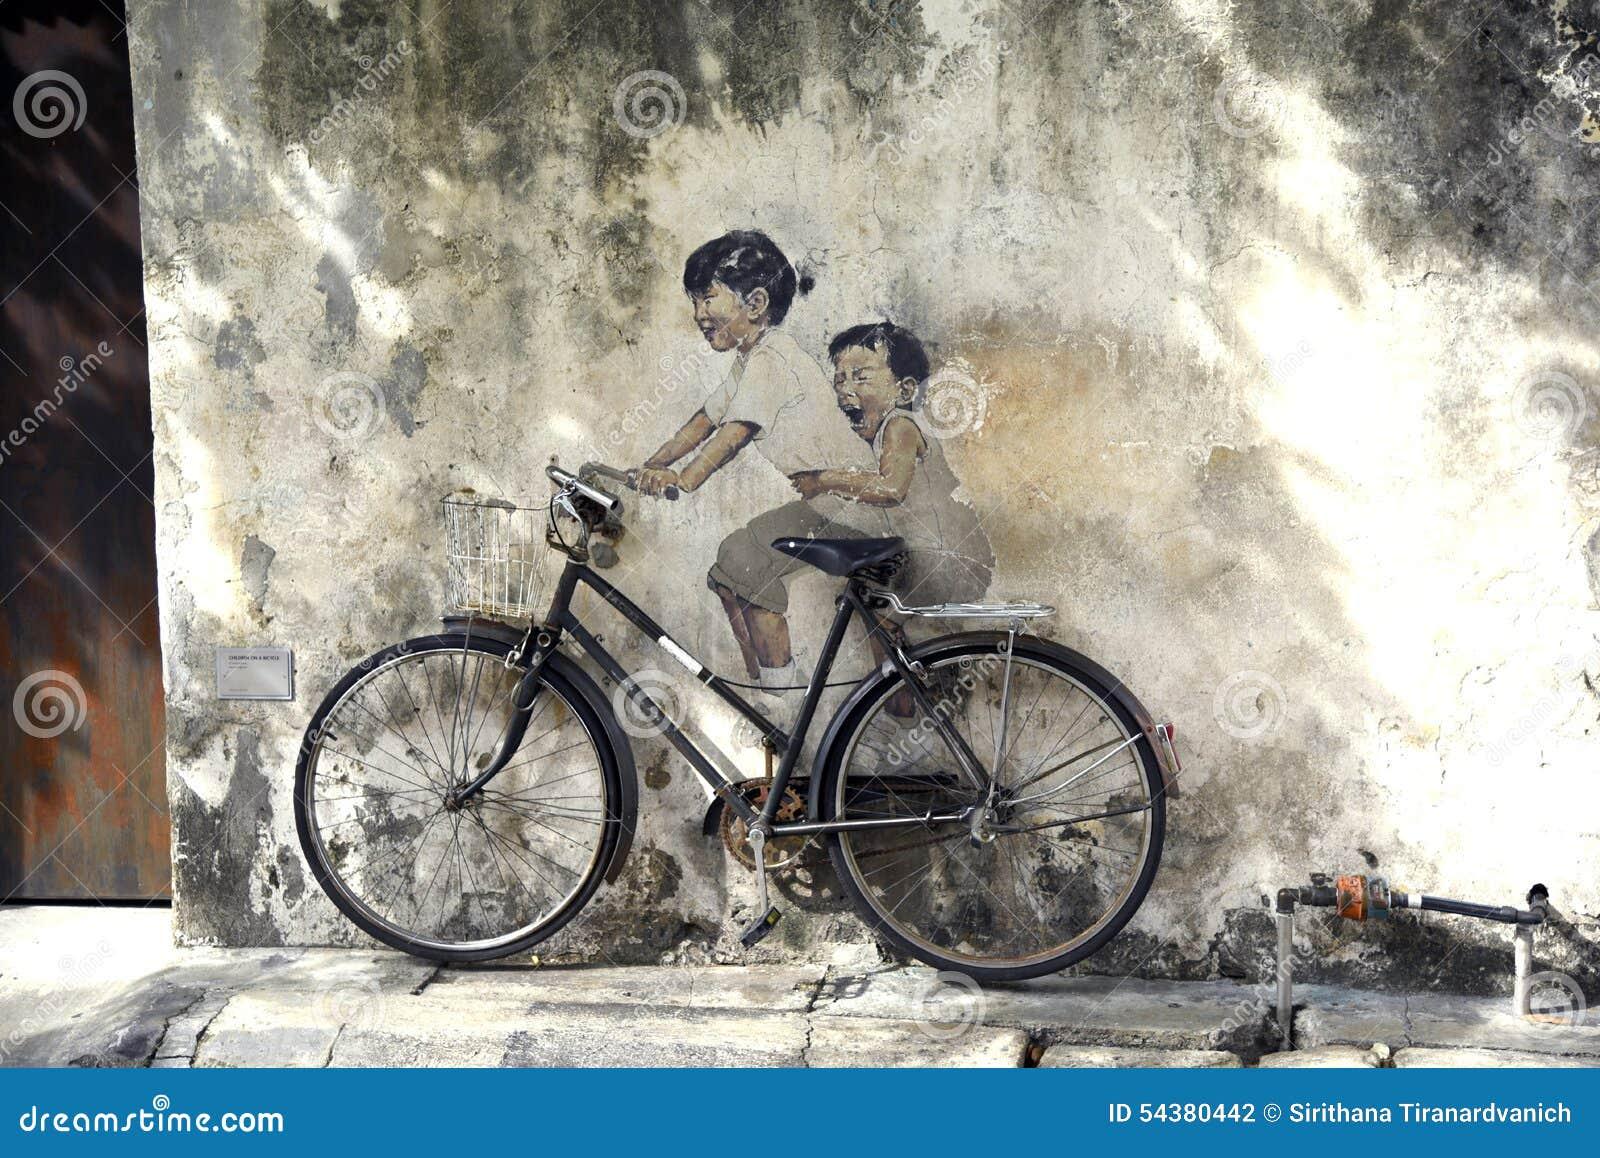 Penang street art - kids on bicycle